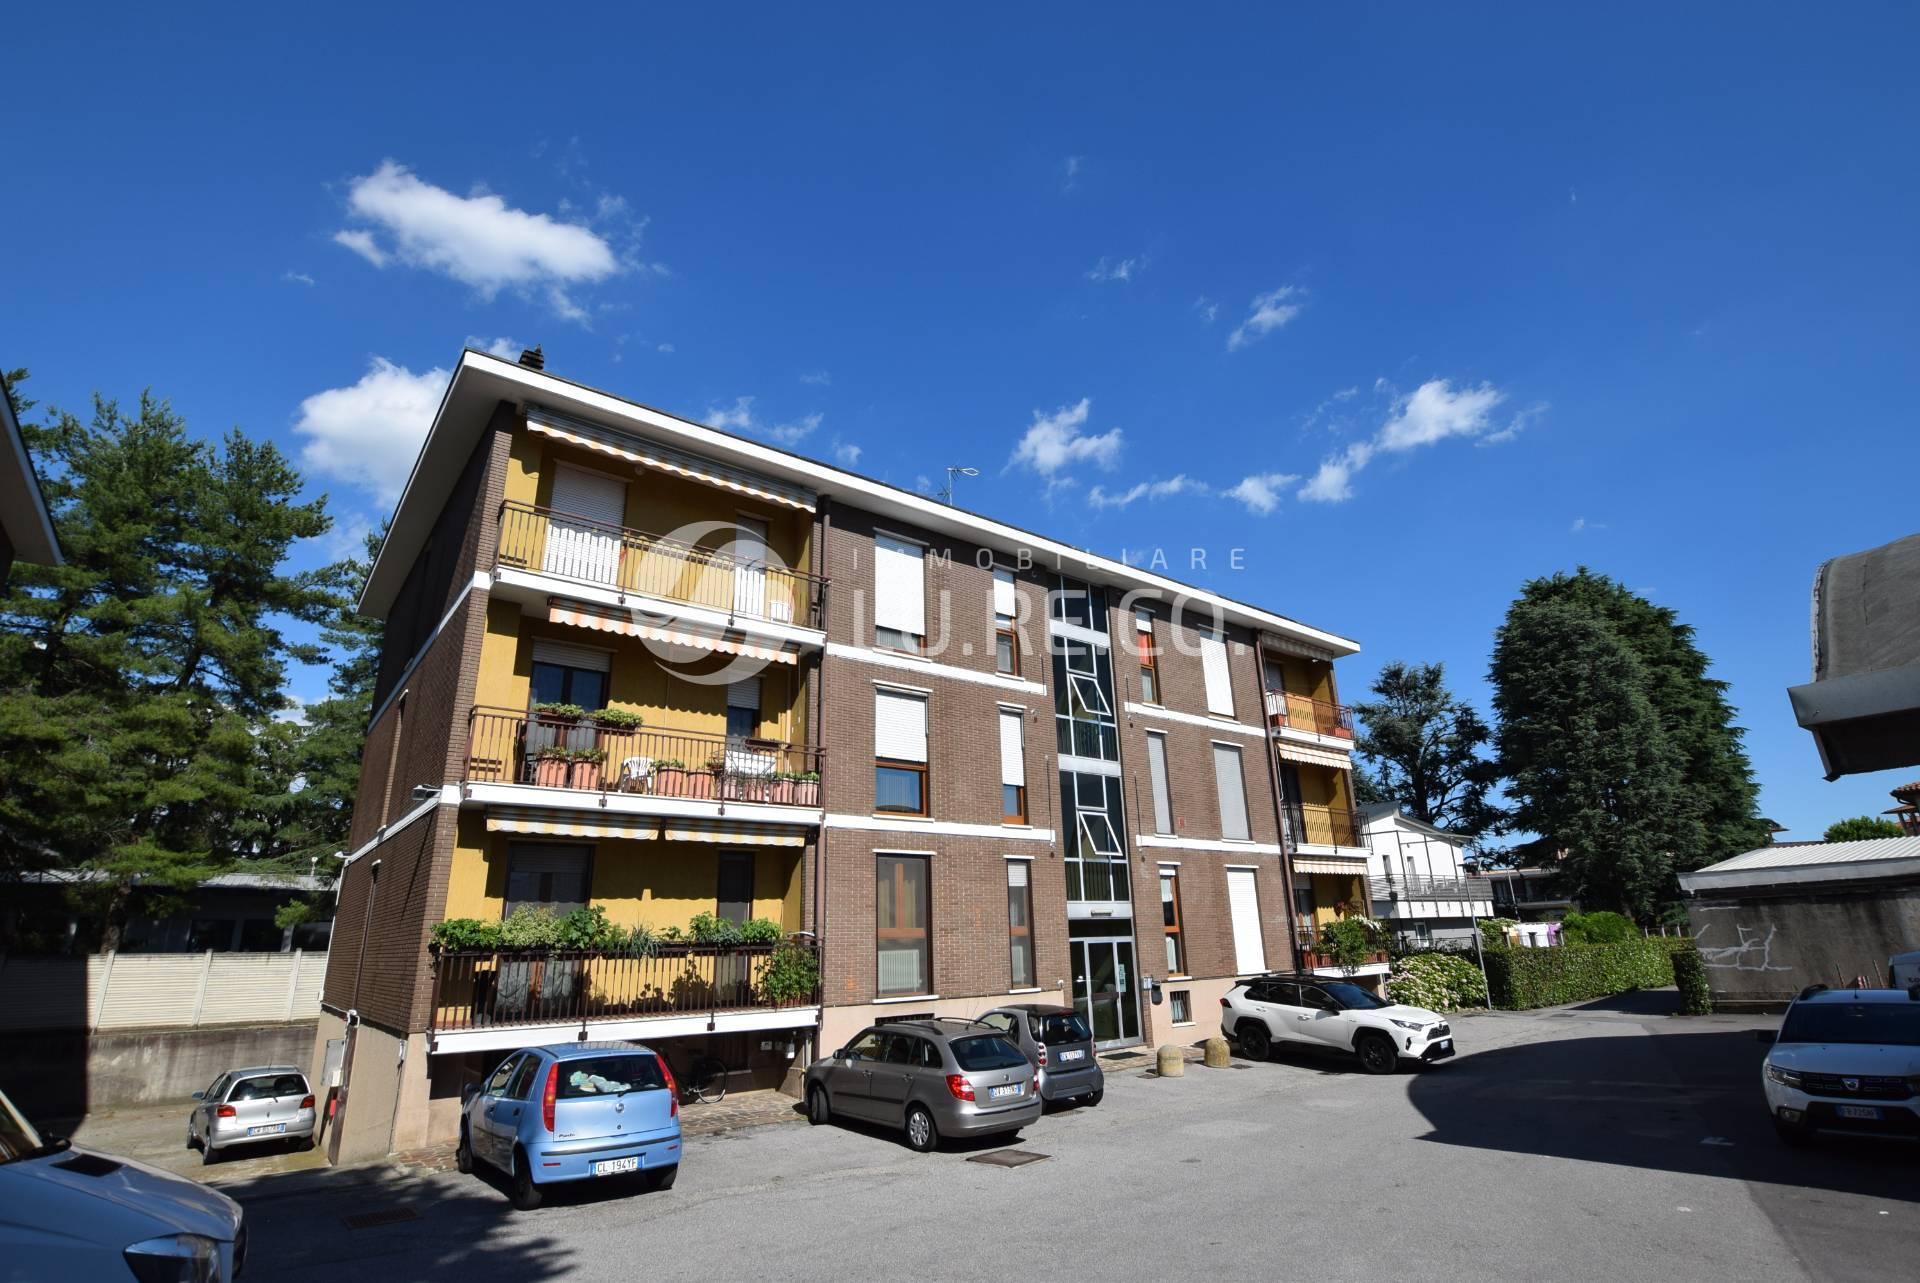 Appartamento in vendita a Concorezzo, 3 locali, prezzo € 135.000   PortaleAgenzieImmobiliari.it